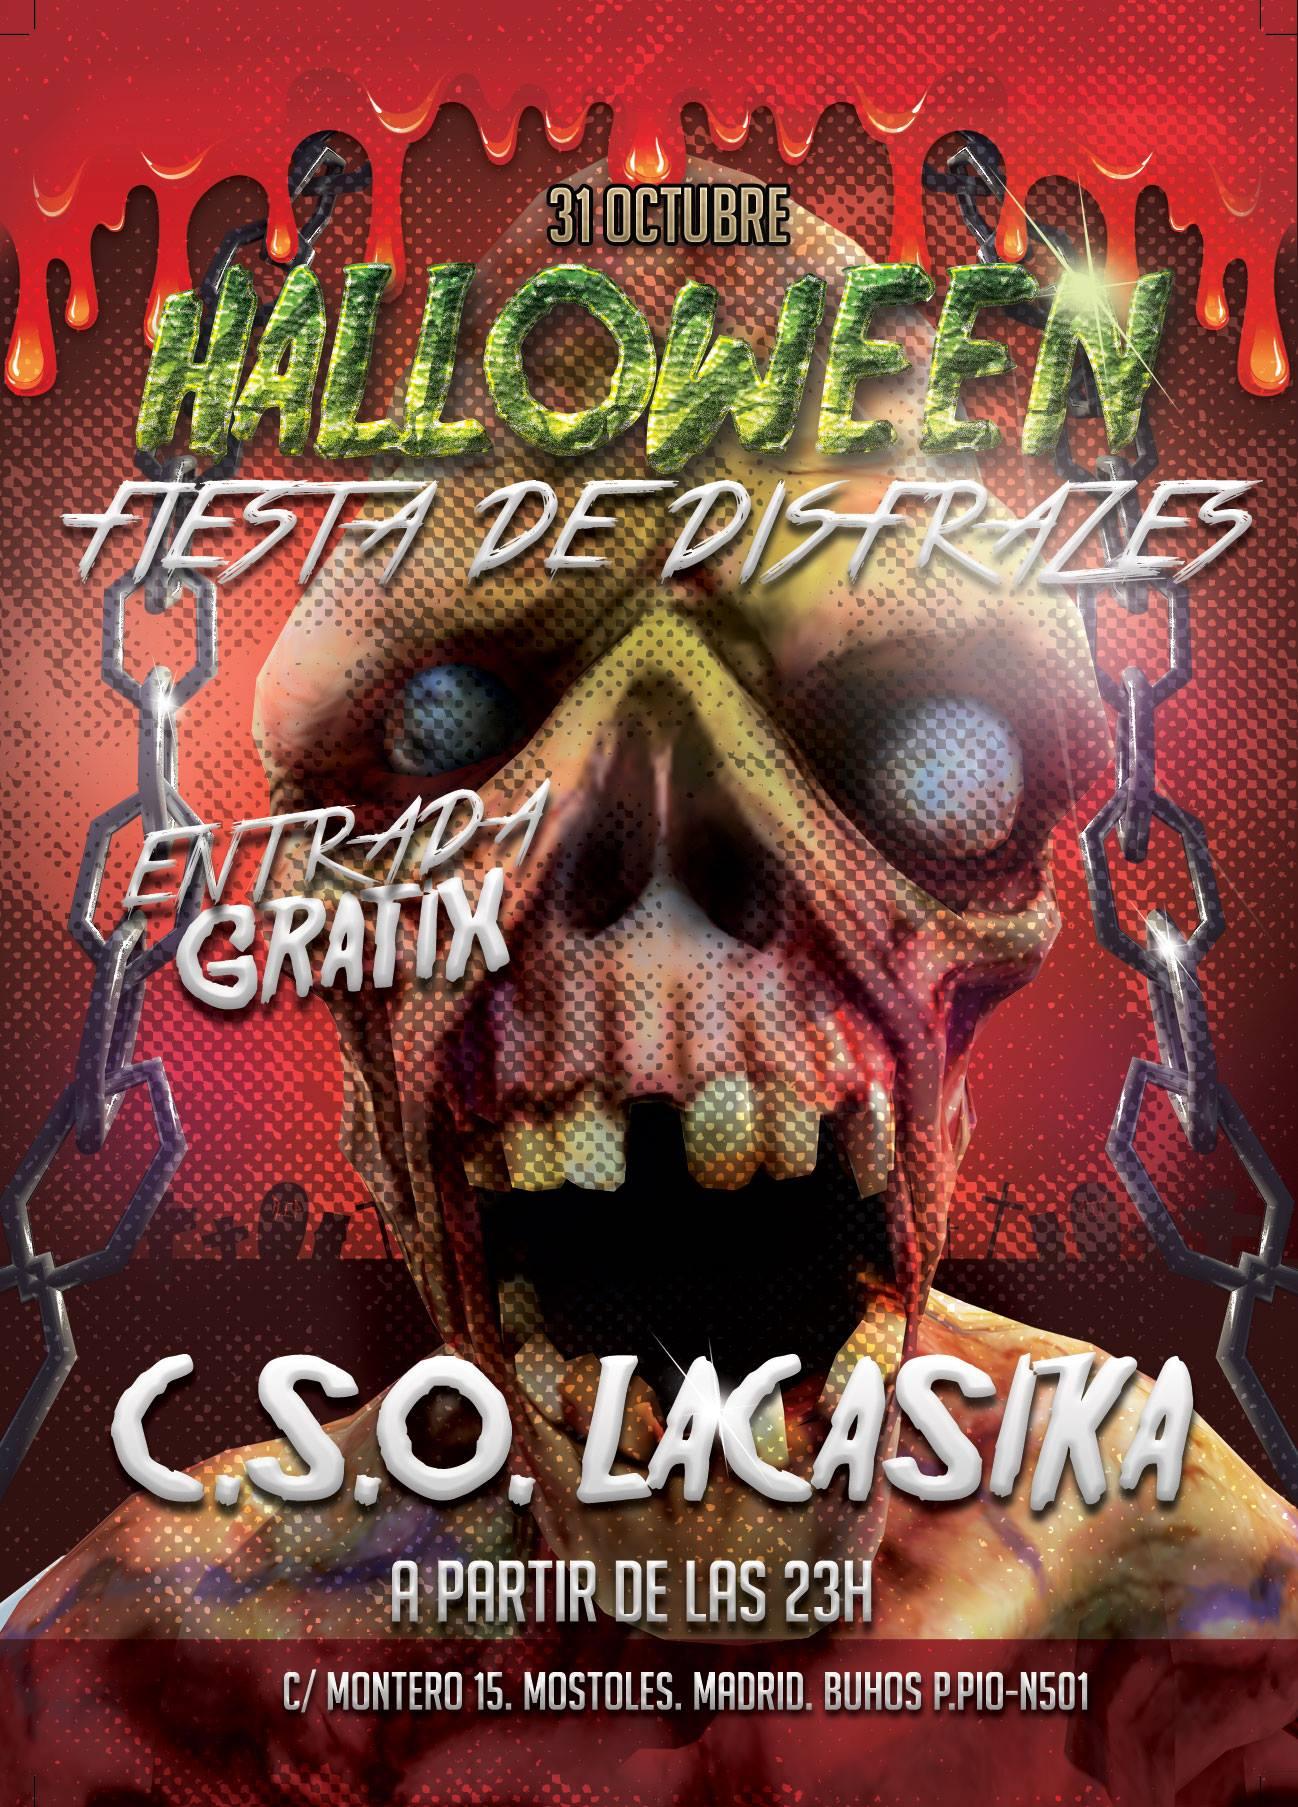 Fiesta de disfrazes - jueves 31 octubre 2013 halloween en laCasika Mostoles